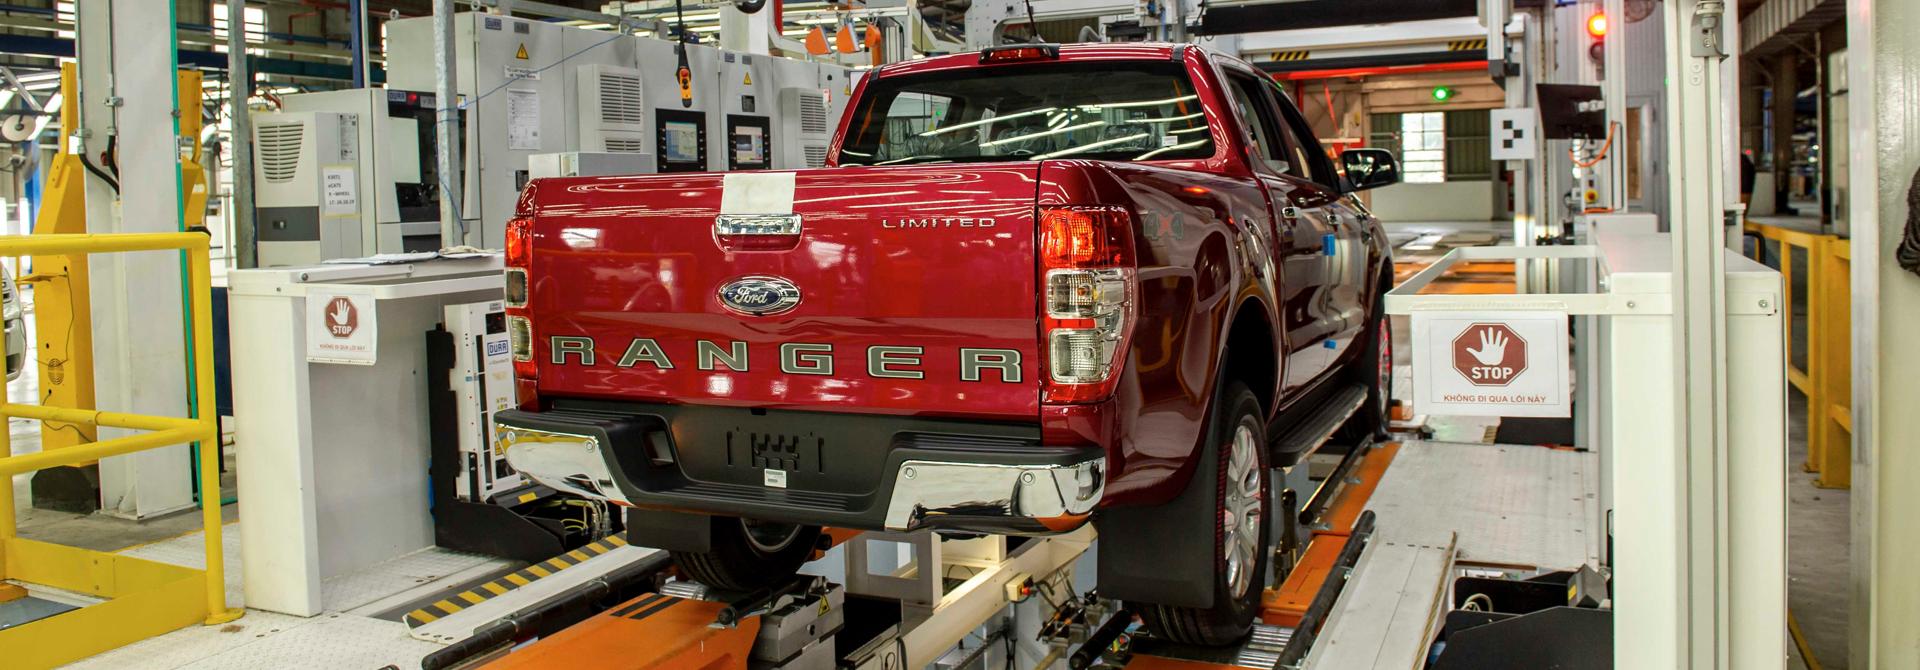 Cận cảnh dây chuyền lắp ráp bán tải Ford Ranger tại nhà máy Ford Hải Dương